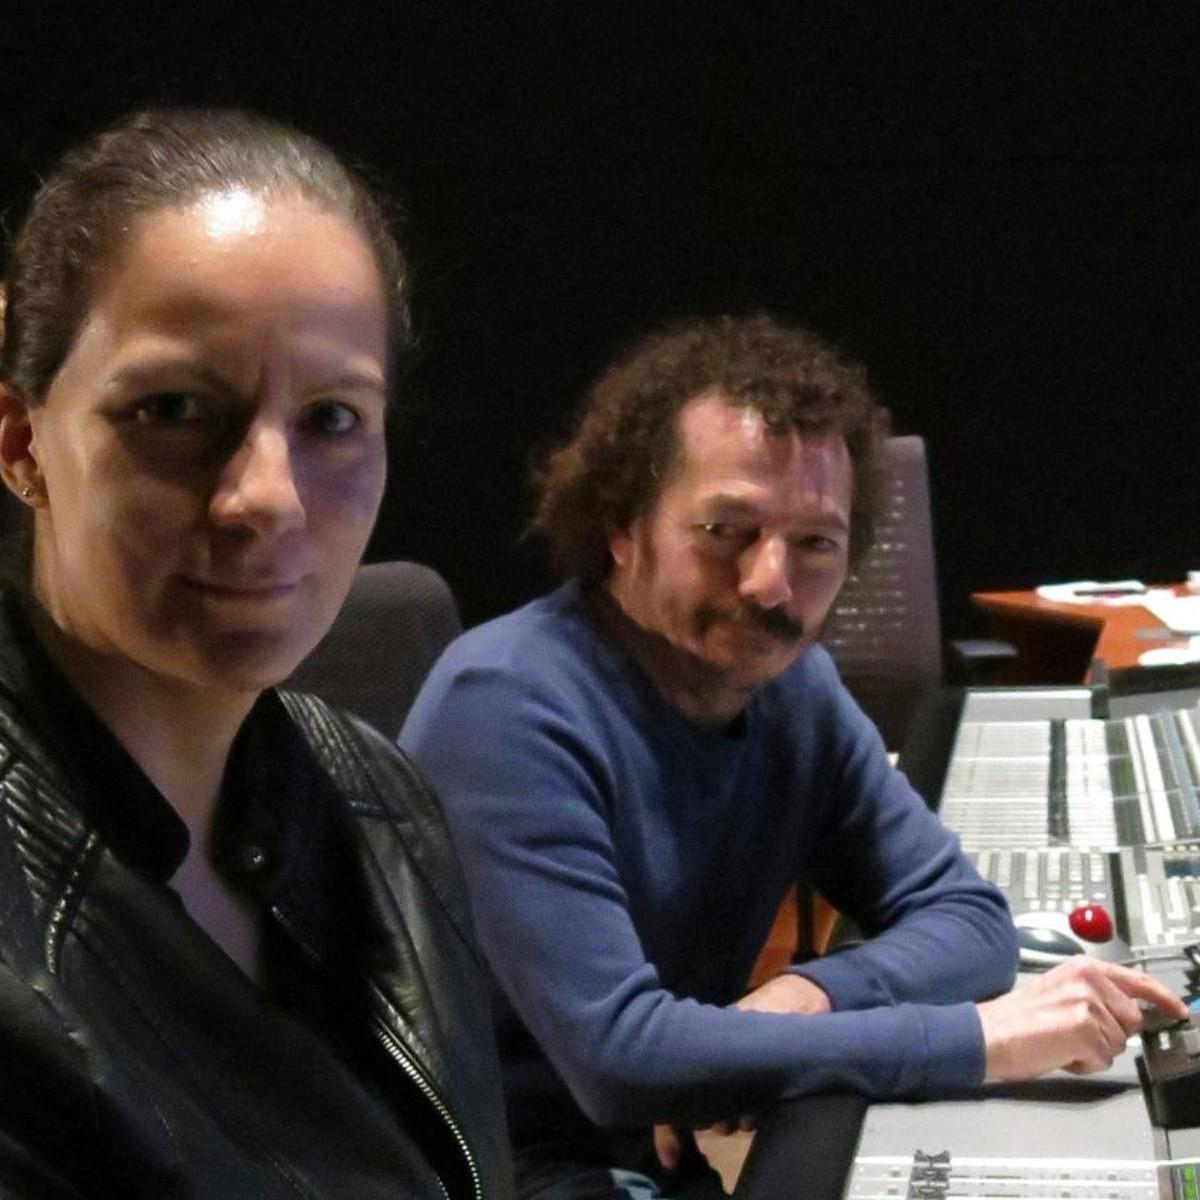 Van ingenieros mexicanos al Óscar por sonido de 'Sound of Metal' | EL  IMPARCIAL | Noticias de México y el mundo